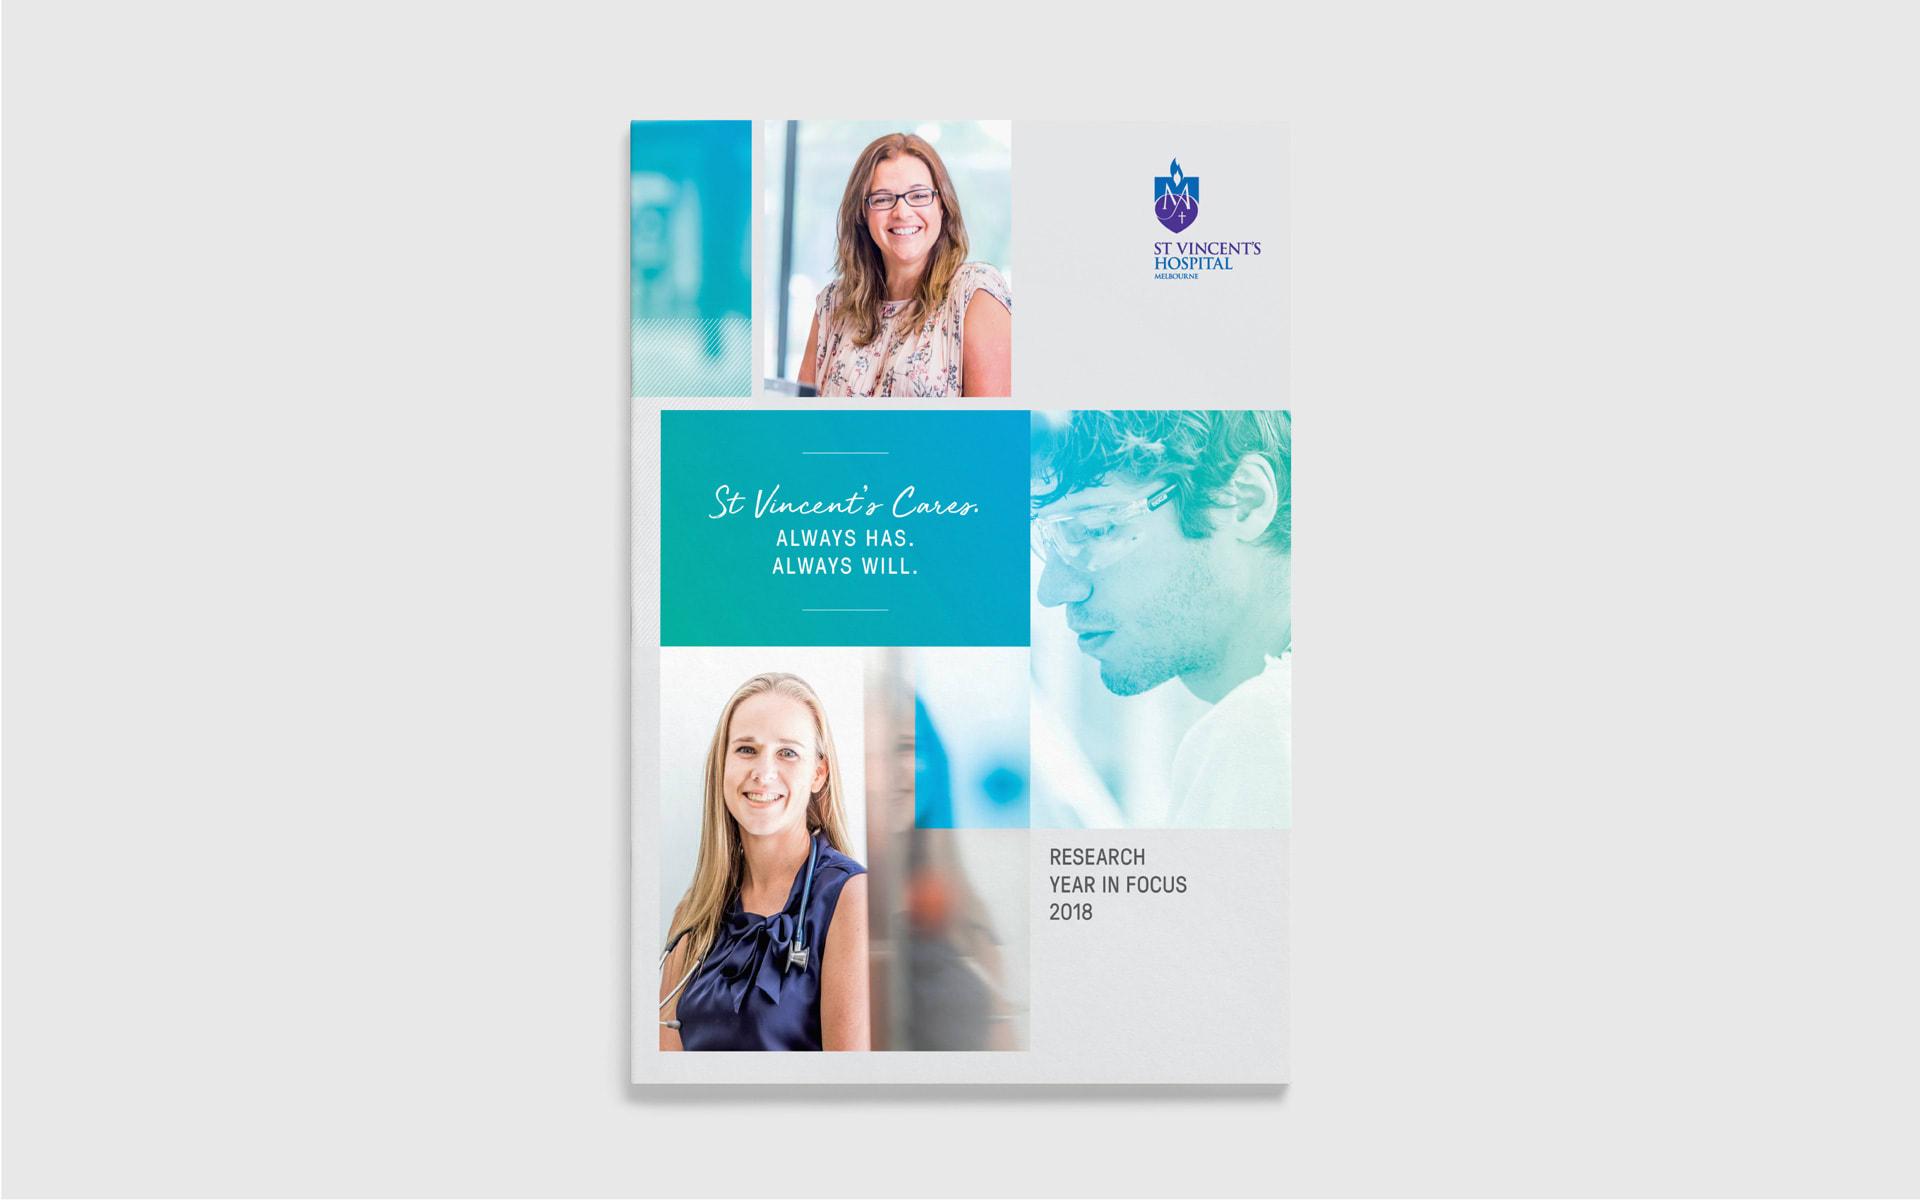 St-Vincents-Hospital-Melbourne-Research-Brochure-Design